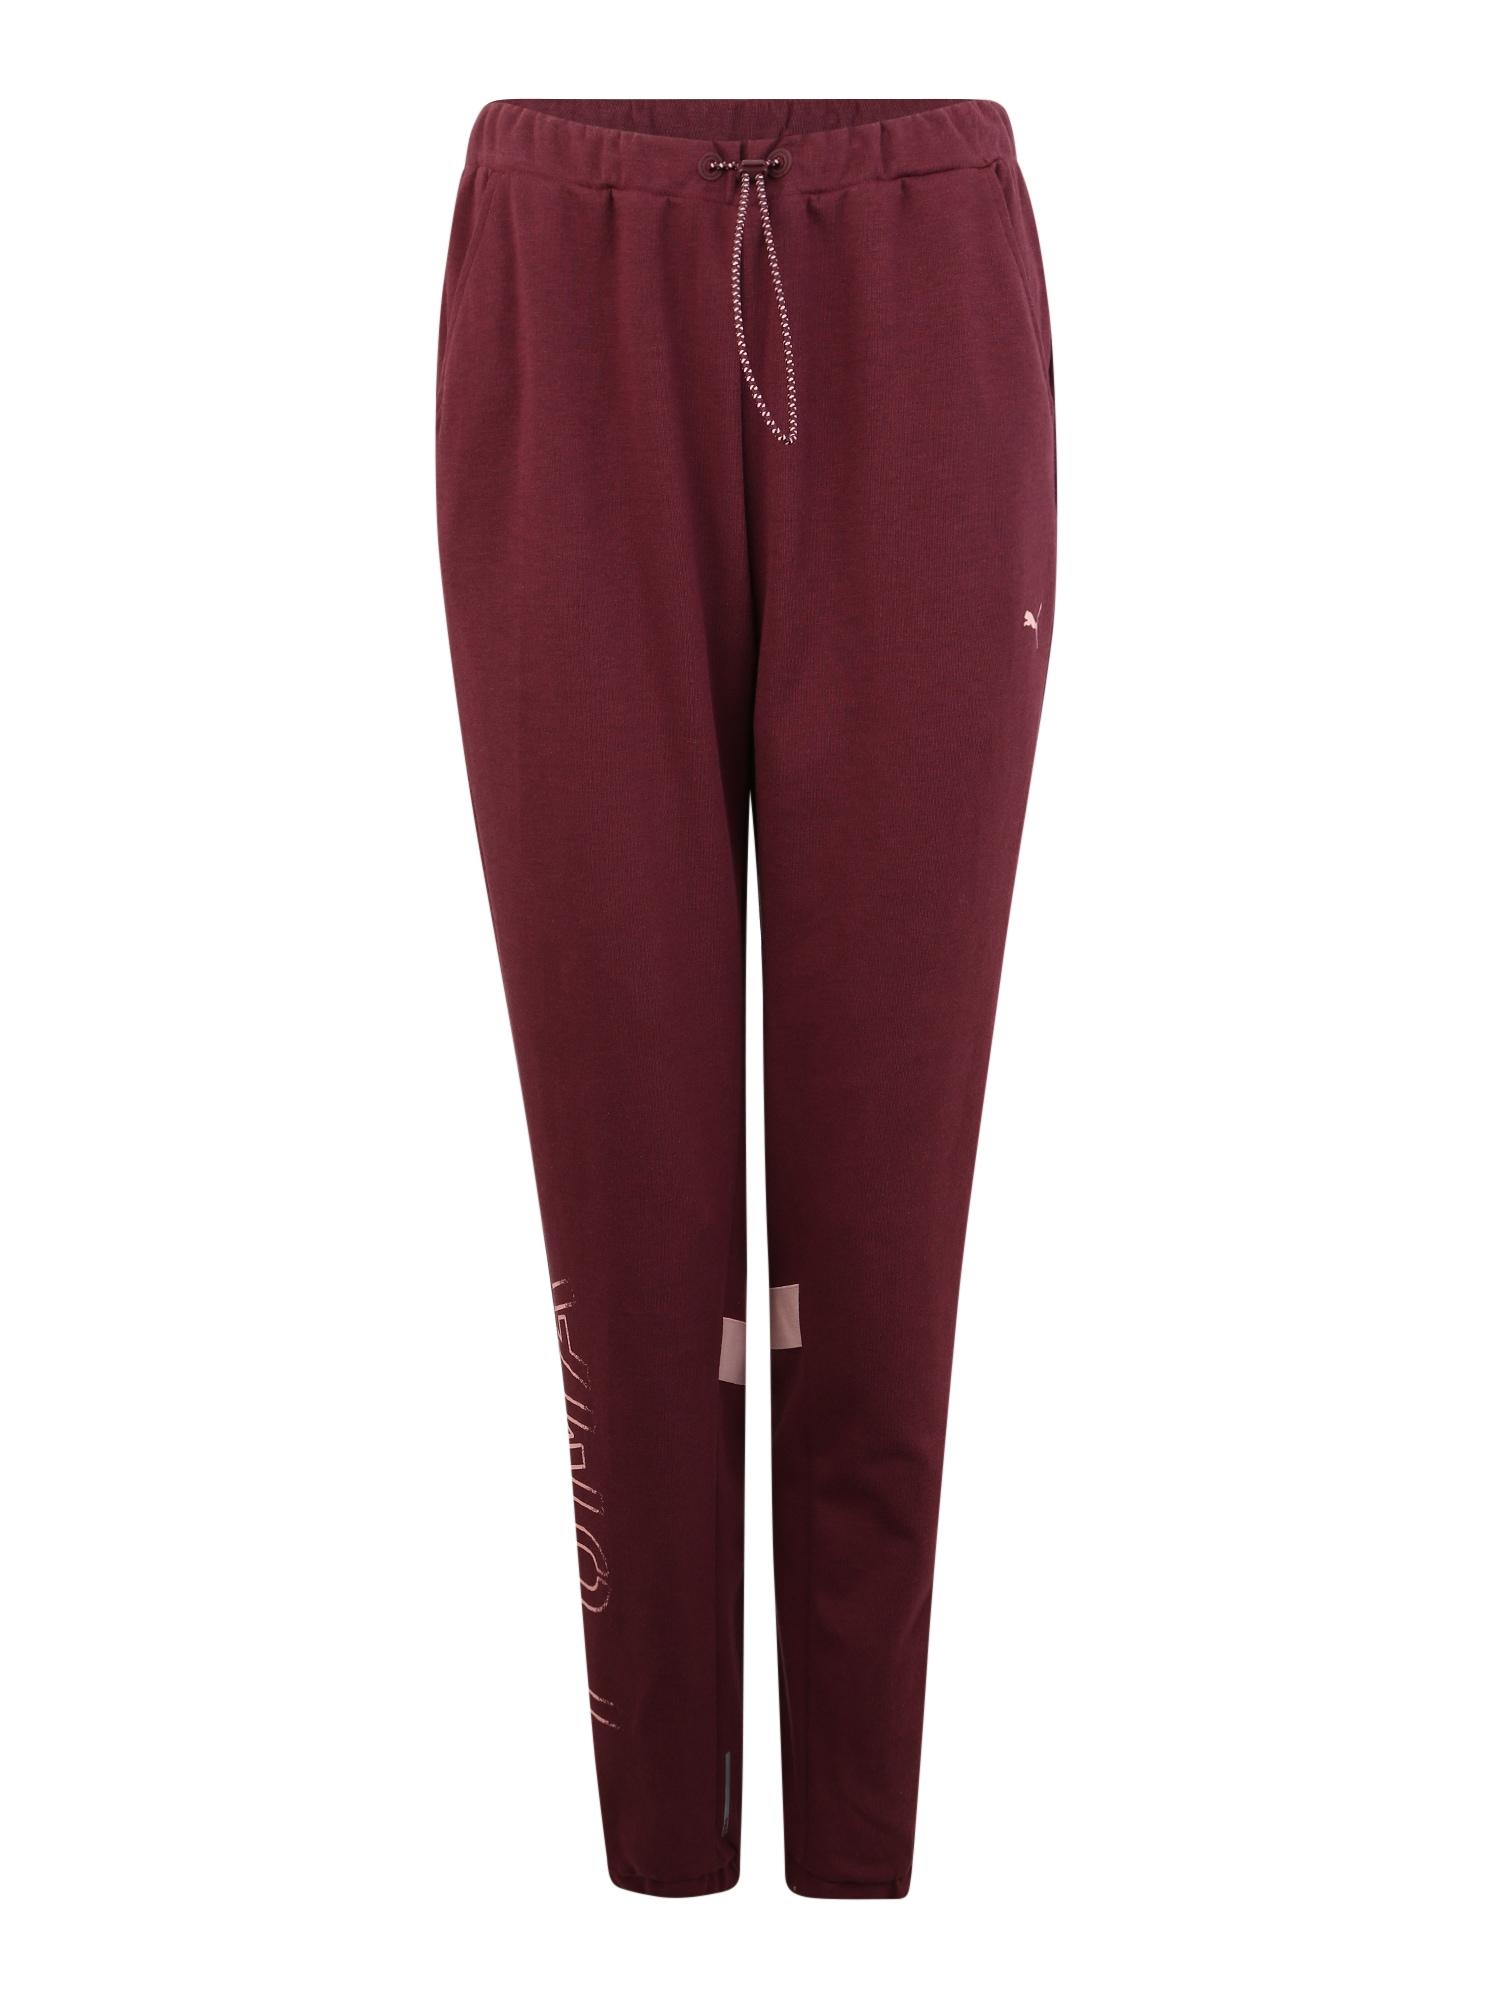 Sportovní kalhoty HIT Feel it Sweat Pant vínově červená PUMA